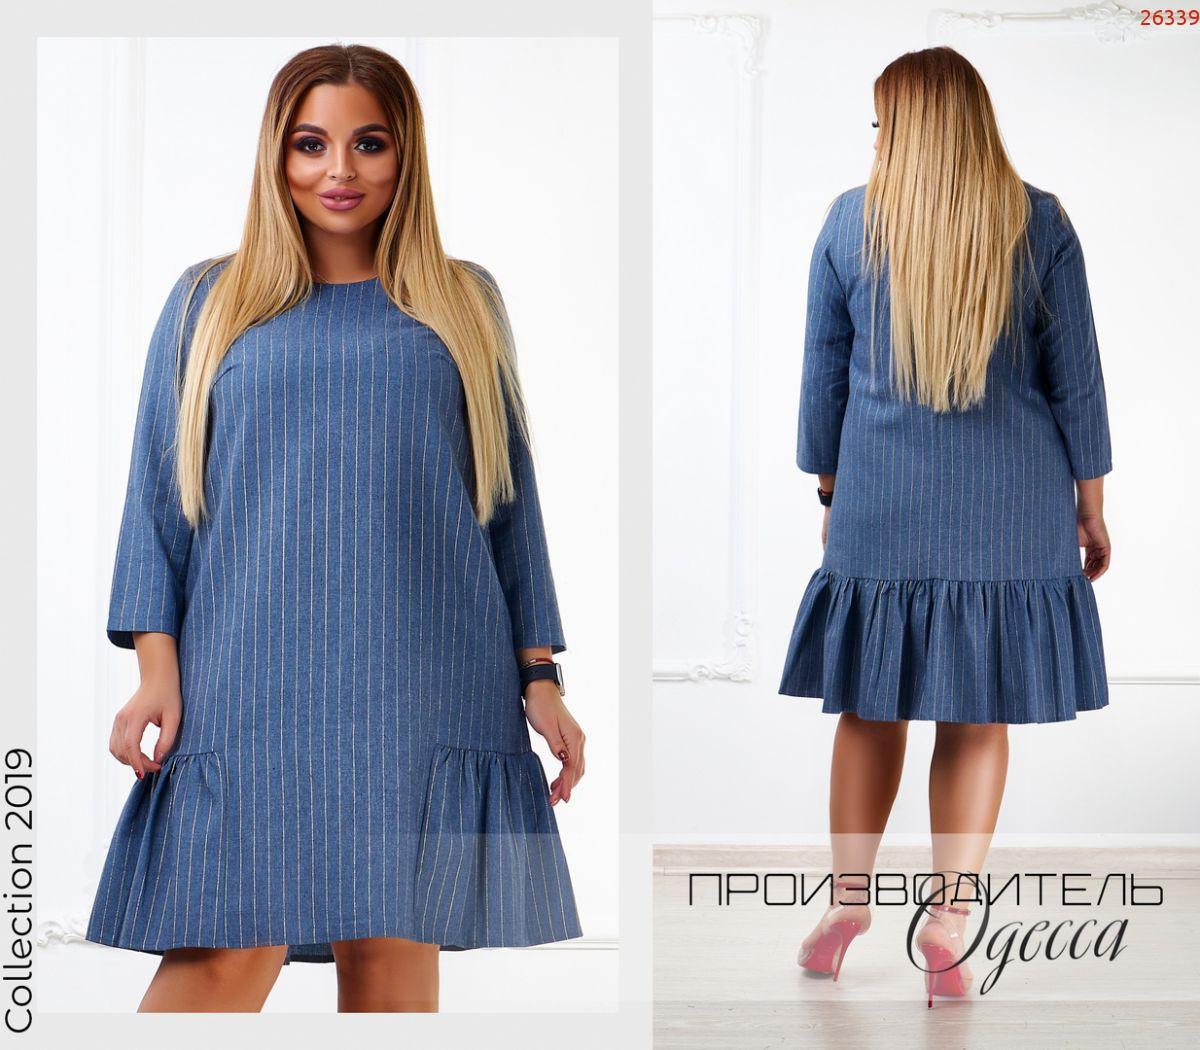 Женское платье больших размеров от Производитель Одесса